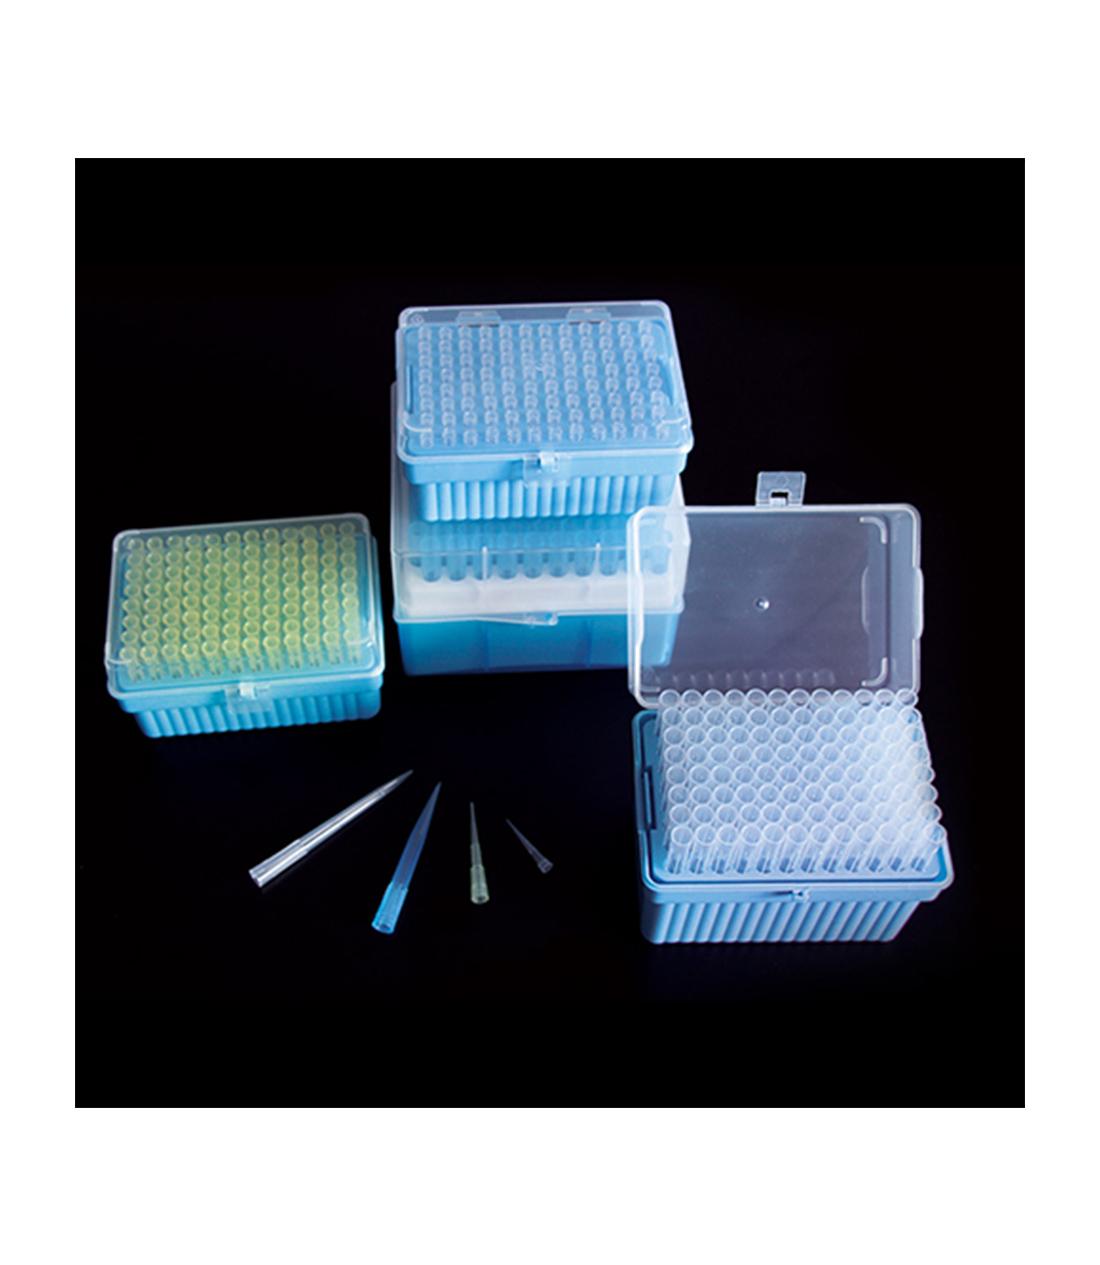 PONTEIRAS PARA MICROPIPETA COM RACK 10 MICROLITROS - Biologix - Cód. 21-0010